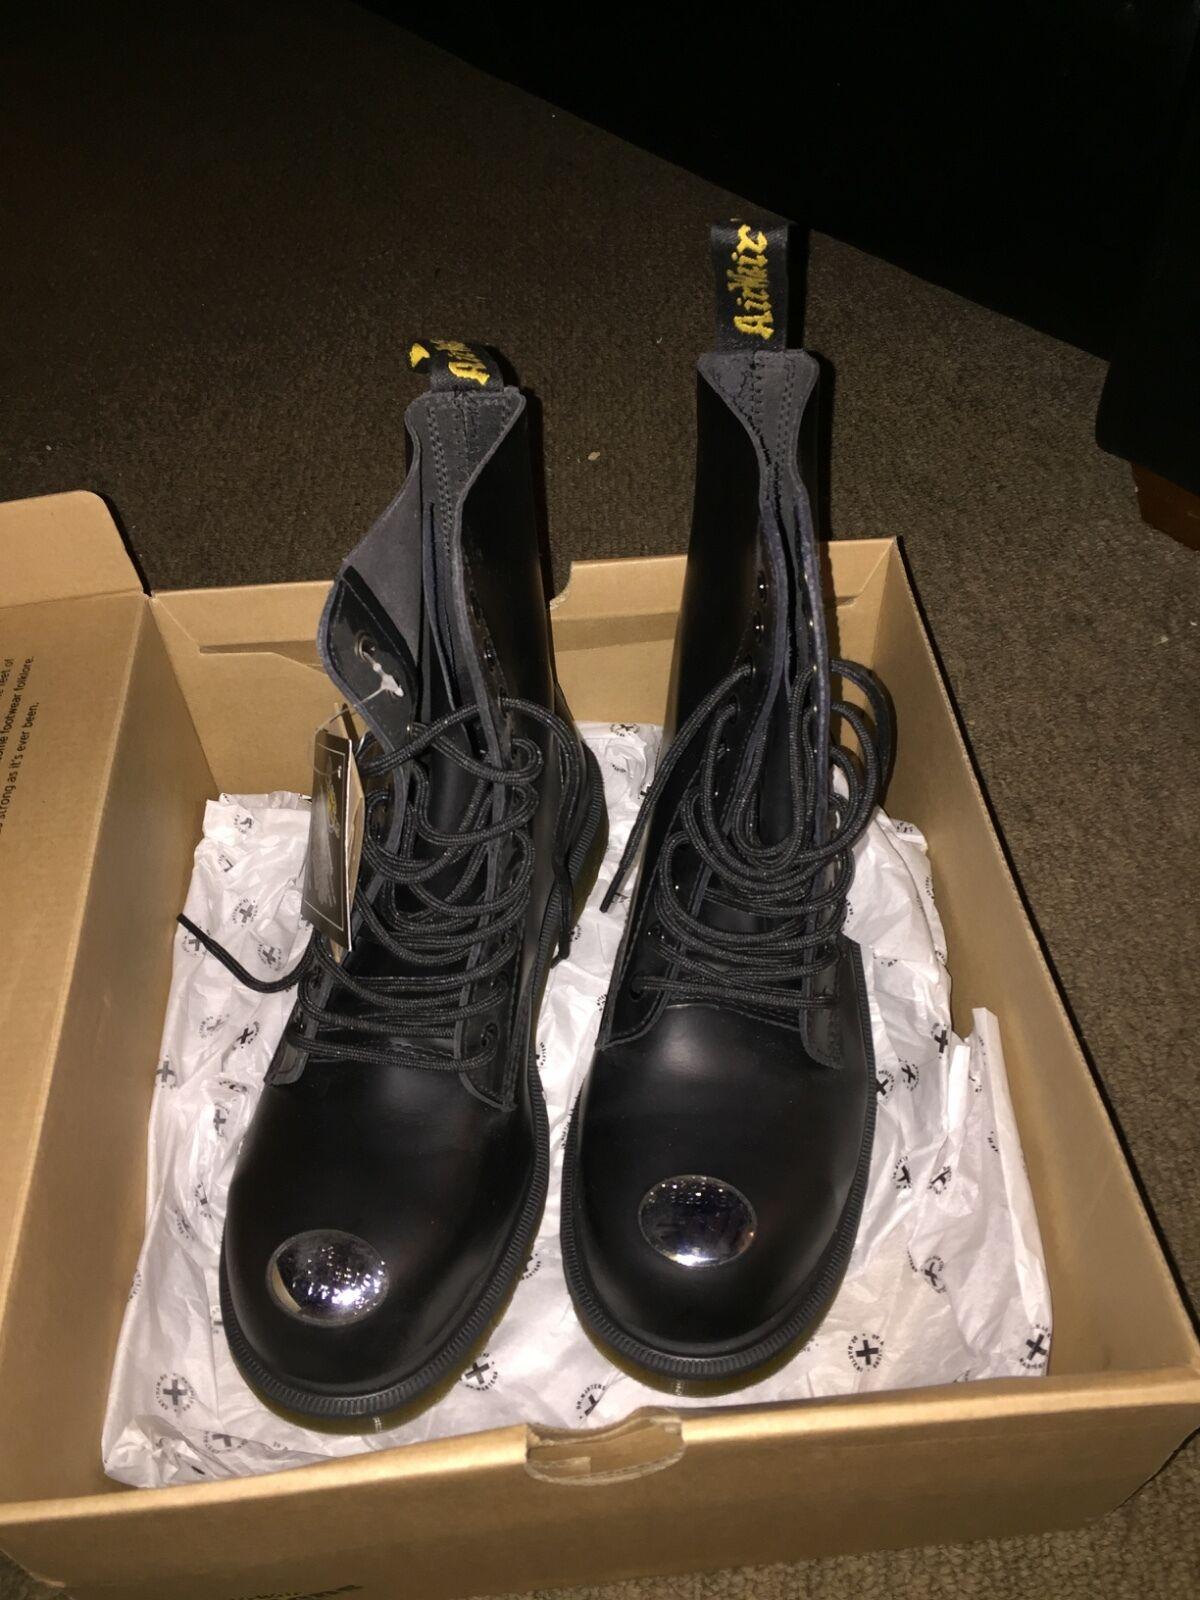 Chaussures Chaussures Chaussures femme Doc Martens-édition limitée | Couleur Rapide  ec066a